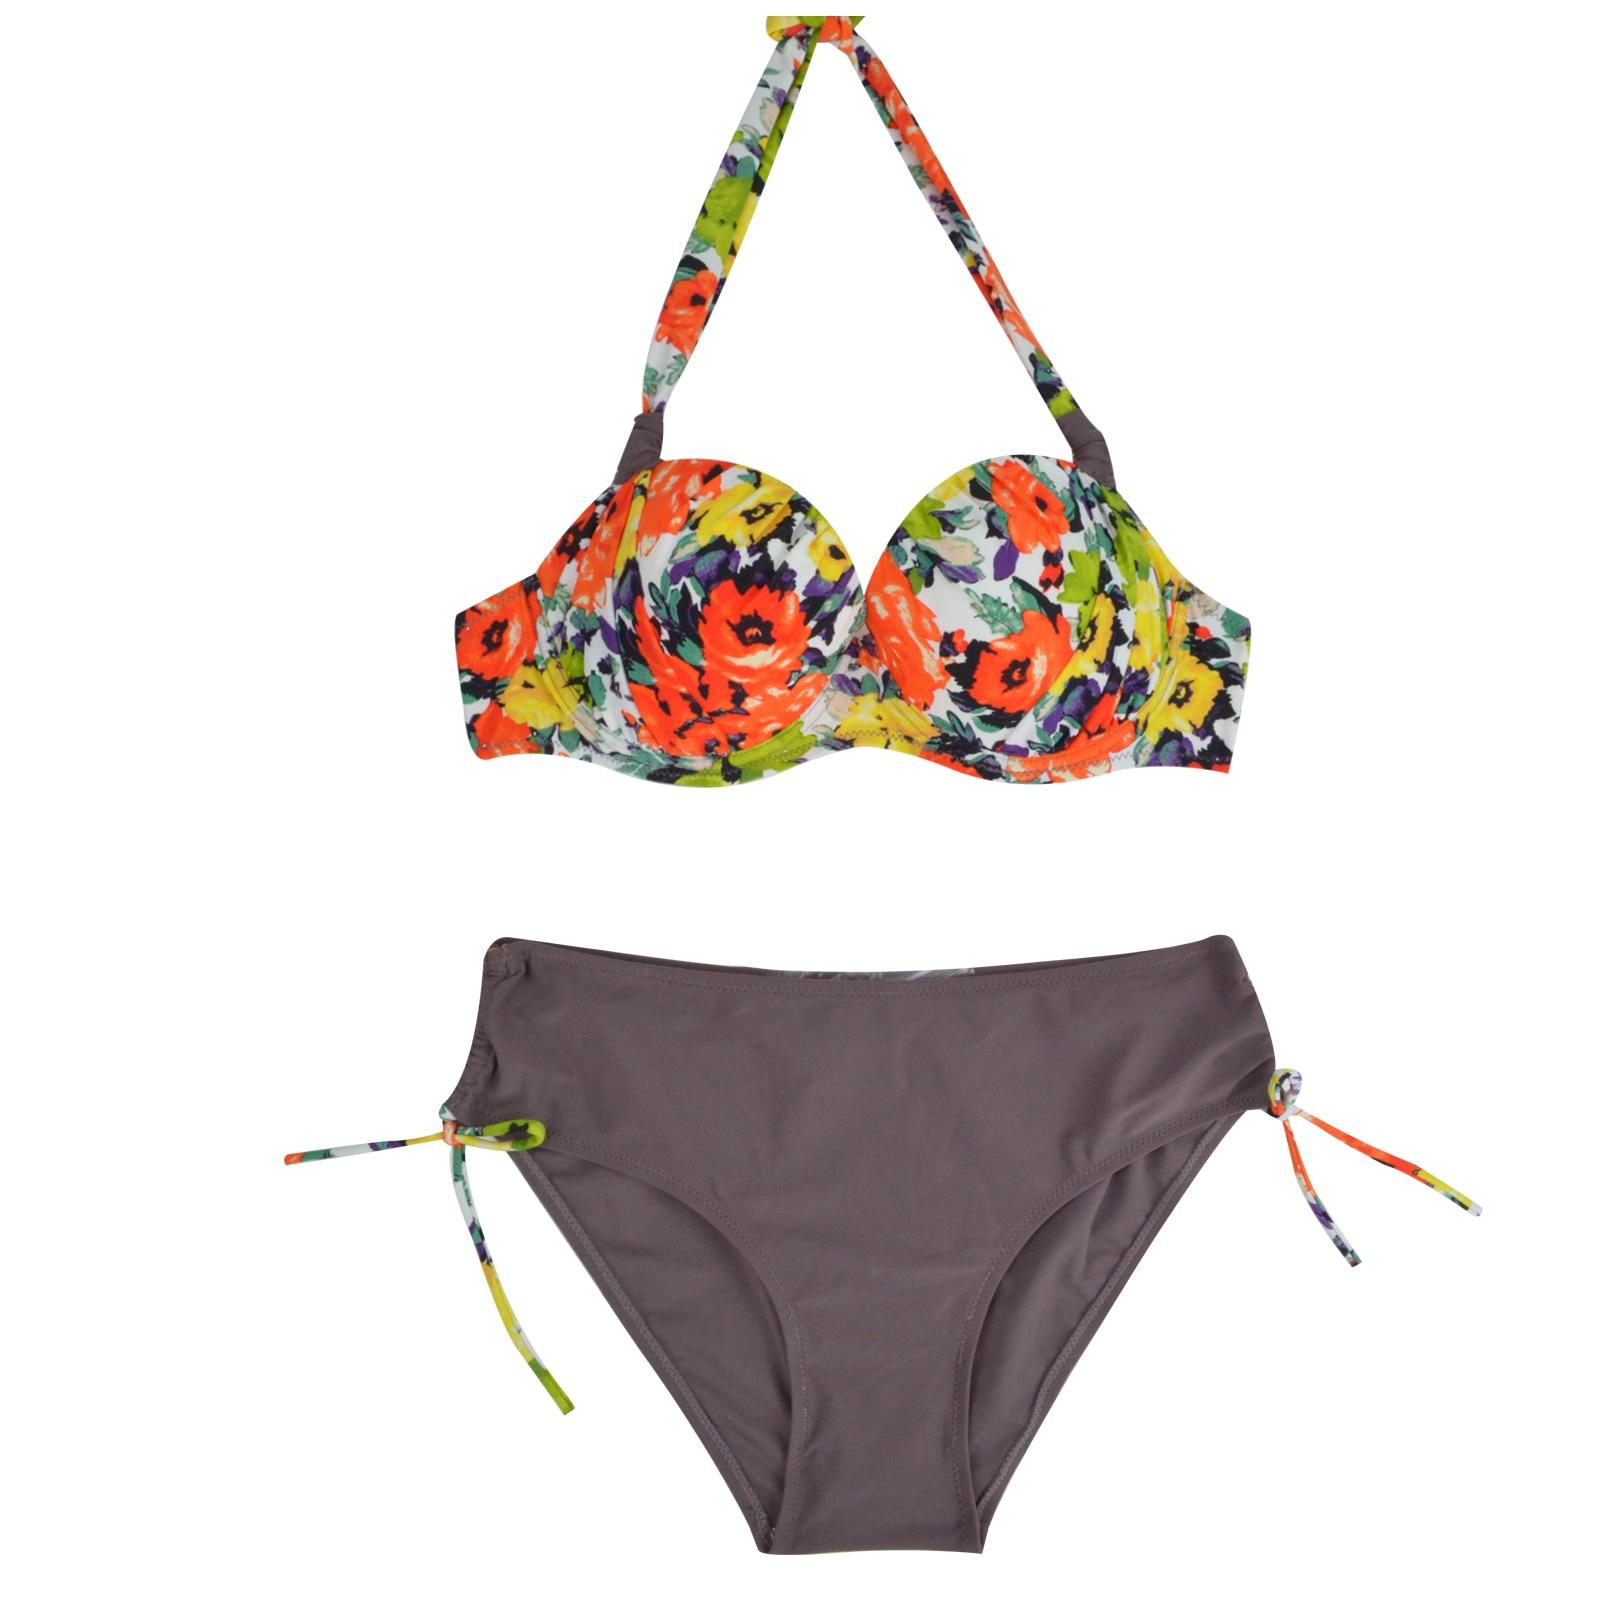 Européens Et Américains De Vêtements Petit Bikini Sexy En Bikini Au Printemps La Poitrine De Natation Des Maillots De Bain, Fine Dentelle Femmes,L,Taille Haute, Paragraphe